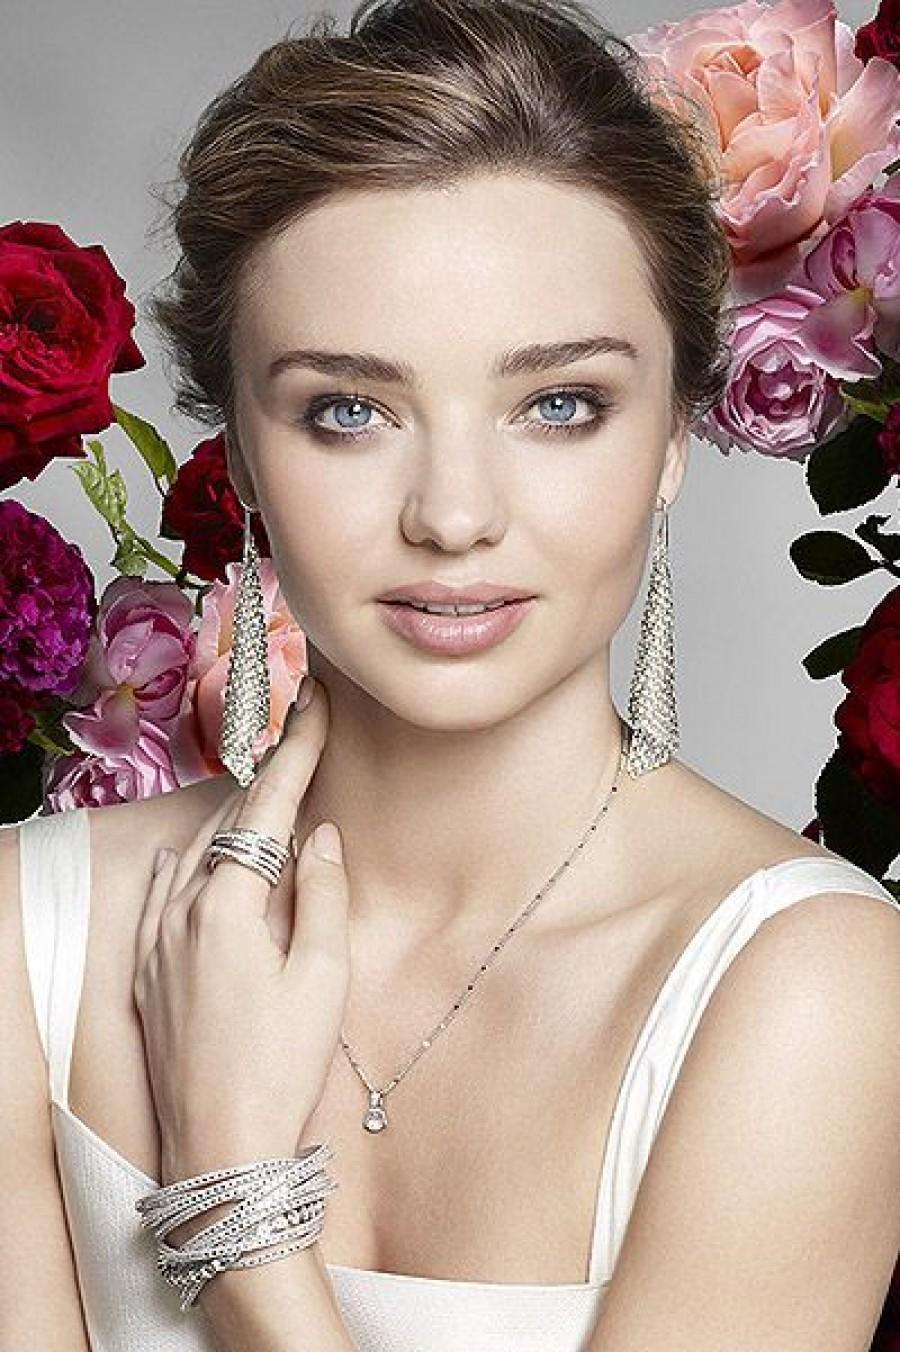 Миранда Керр в новой рекламной кампании Swarovski